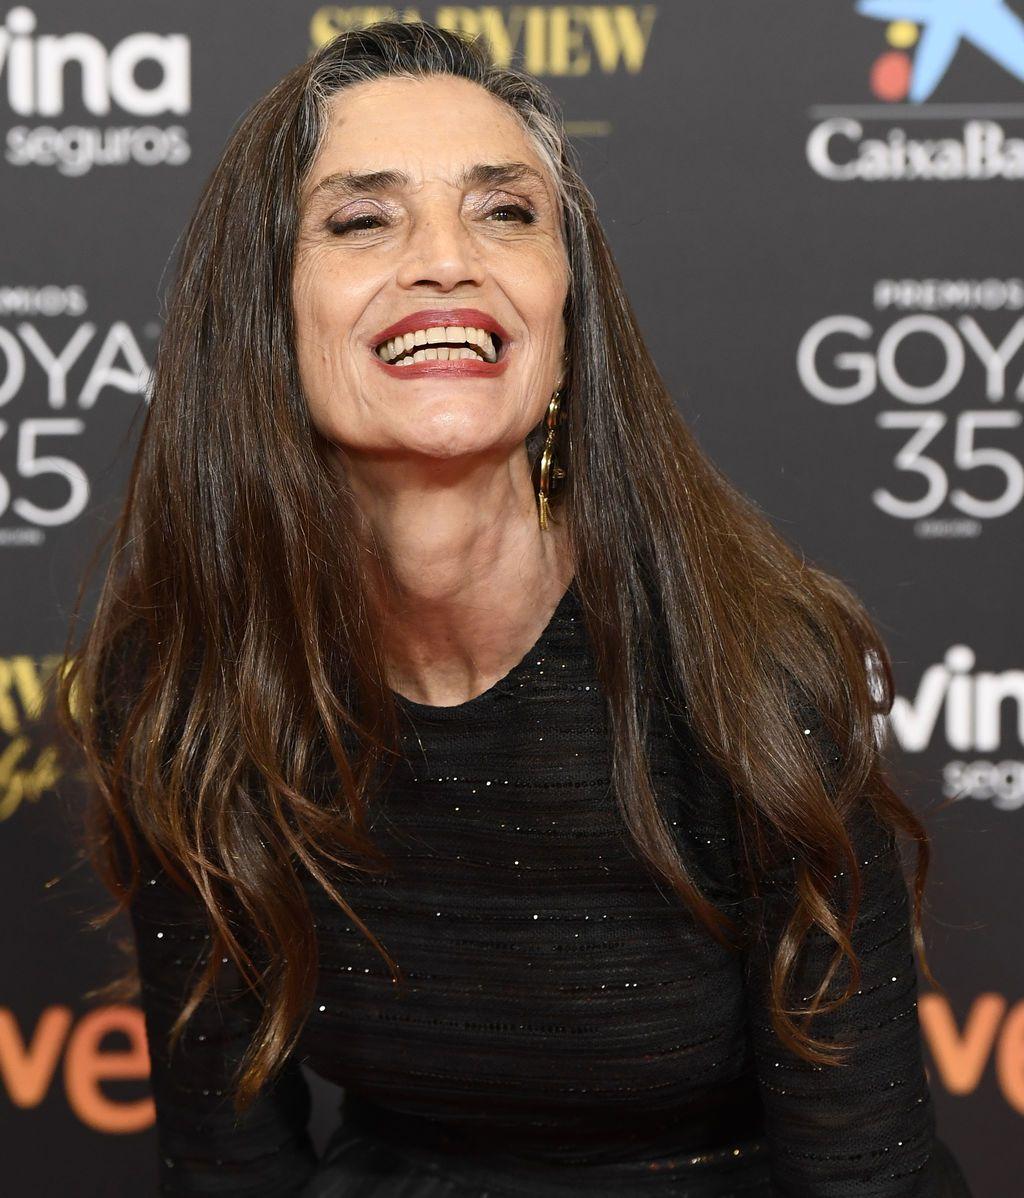 Alejandra Molina en la alfombra roja de los Premios Goya 2021